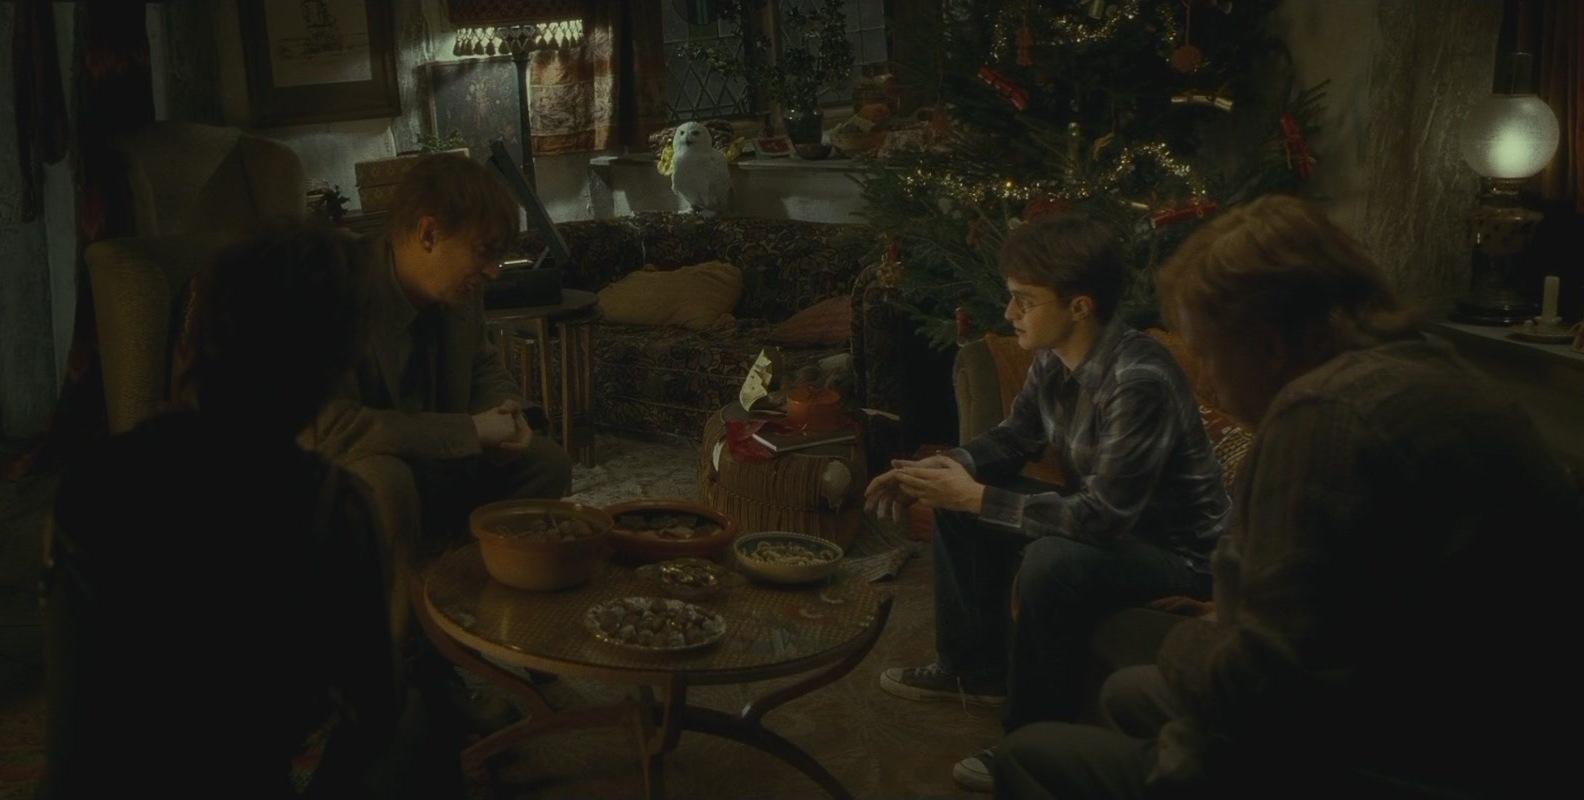 Christmas Time At The Burrow